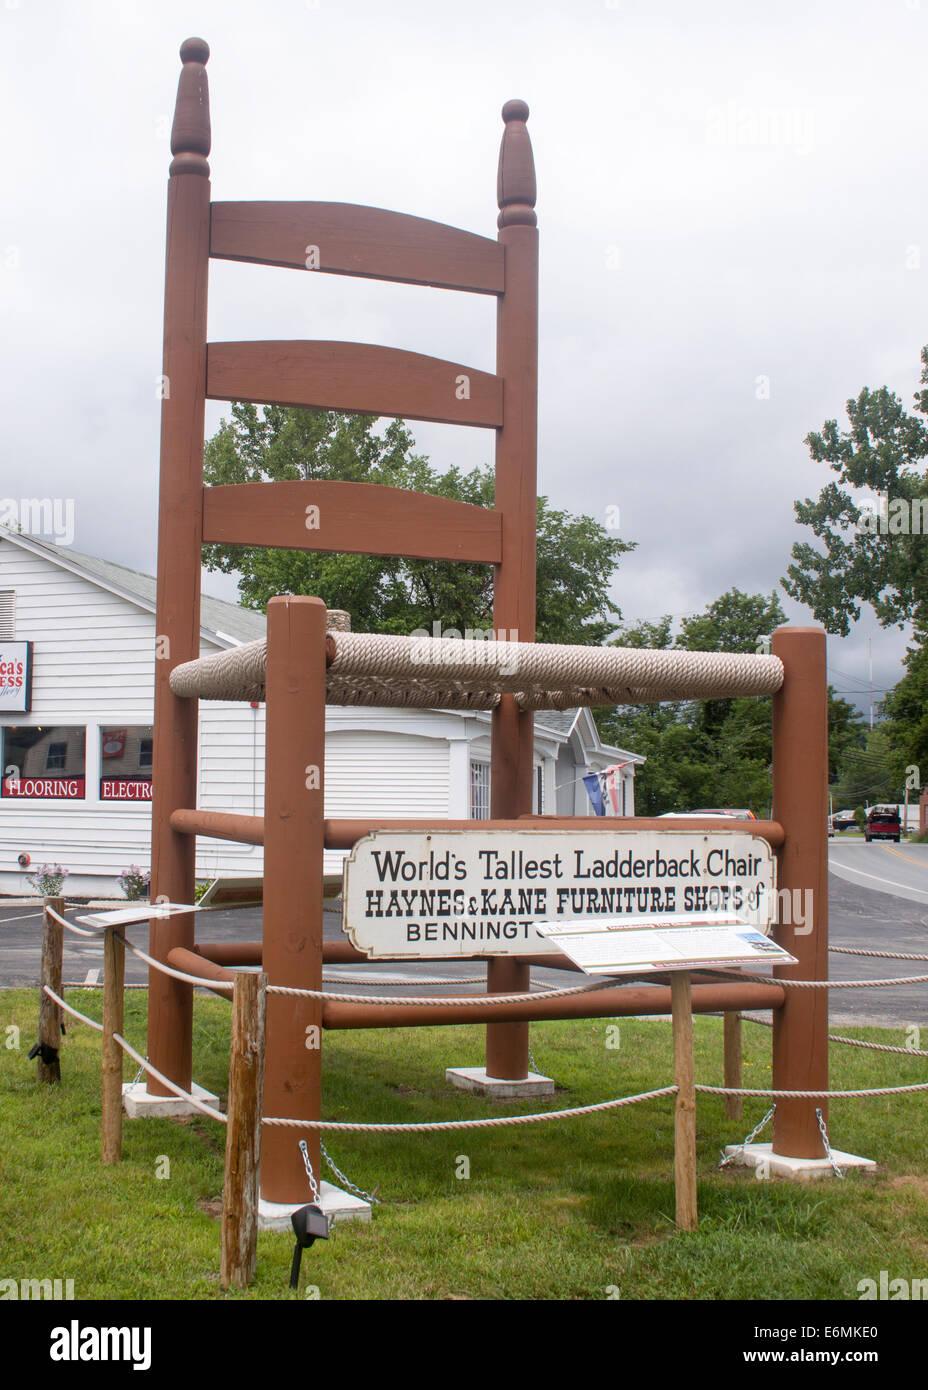 Die weltweit höchste Ladderback Stuhl in Bennington, Vermont Stockbild